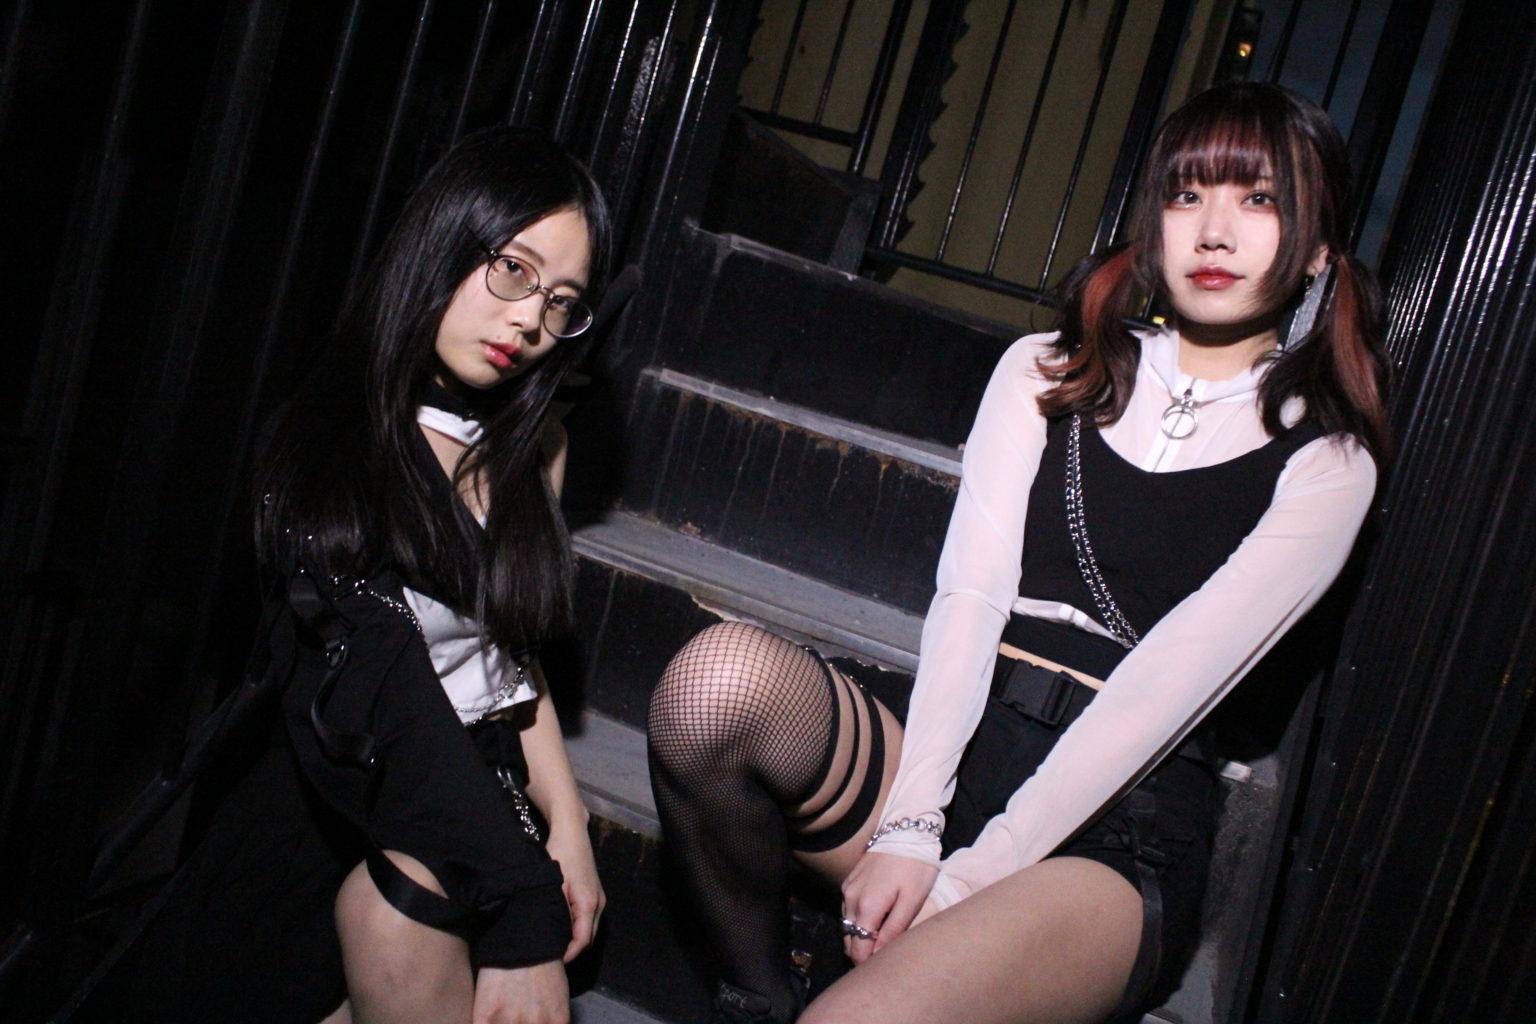 オーディション [関西]エモロック「emmersive」メンバー募集 エモーショナルな楽曲と歌唱力を武器に、最強のアイドルグループを目指す 主催:ソウルエッジプロモーション、カテゴリ:アイドル(東京以外)